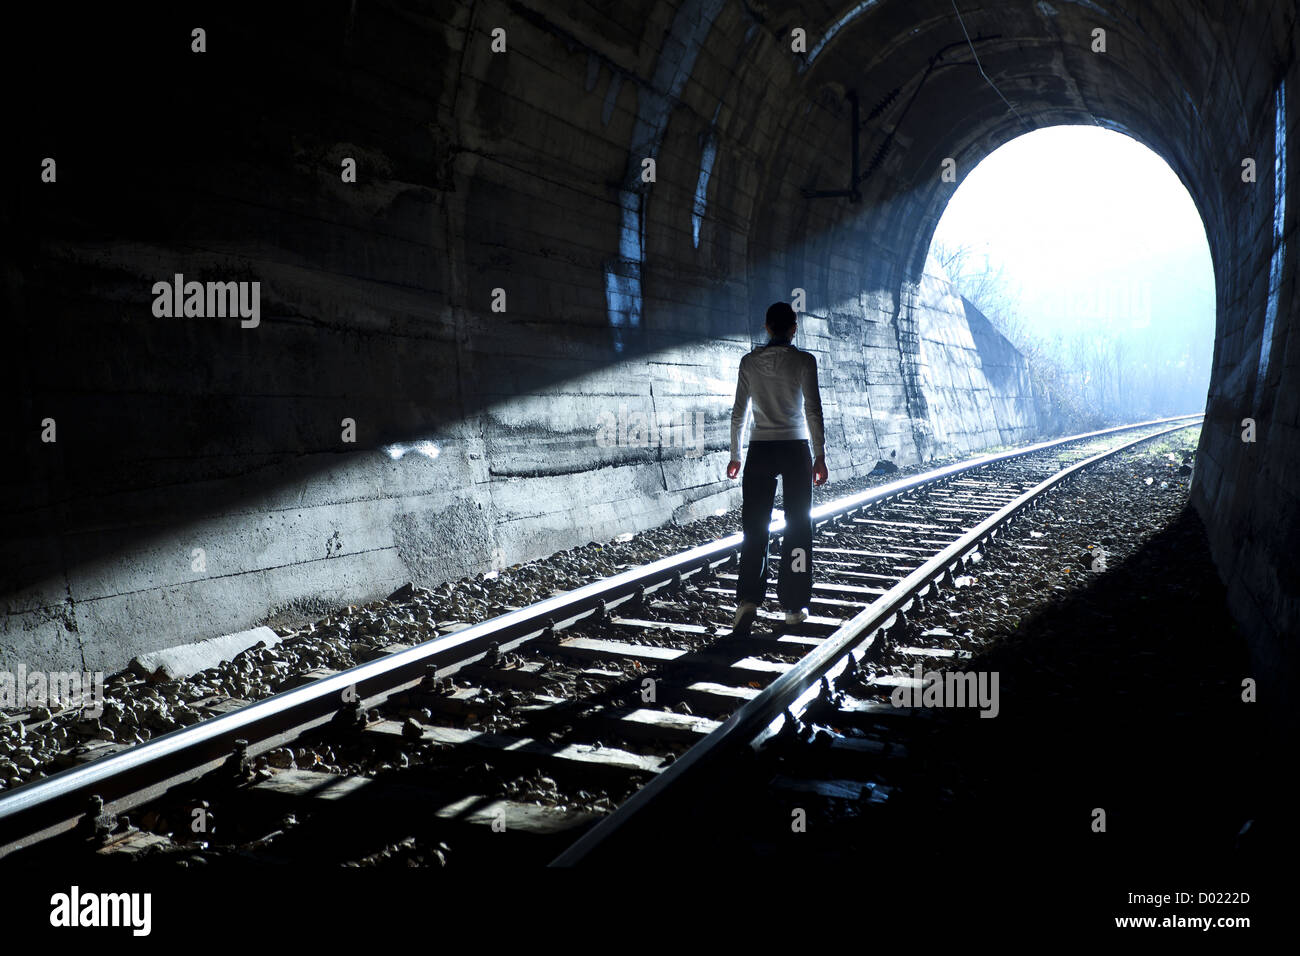 Uscire da darknes - la luce alla fine del tunnel Immagini Stock